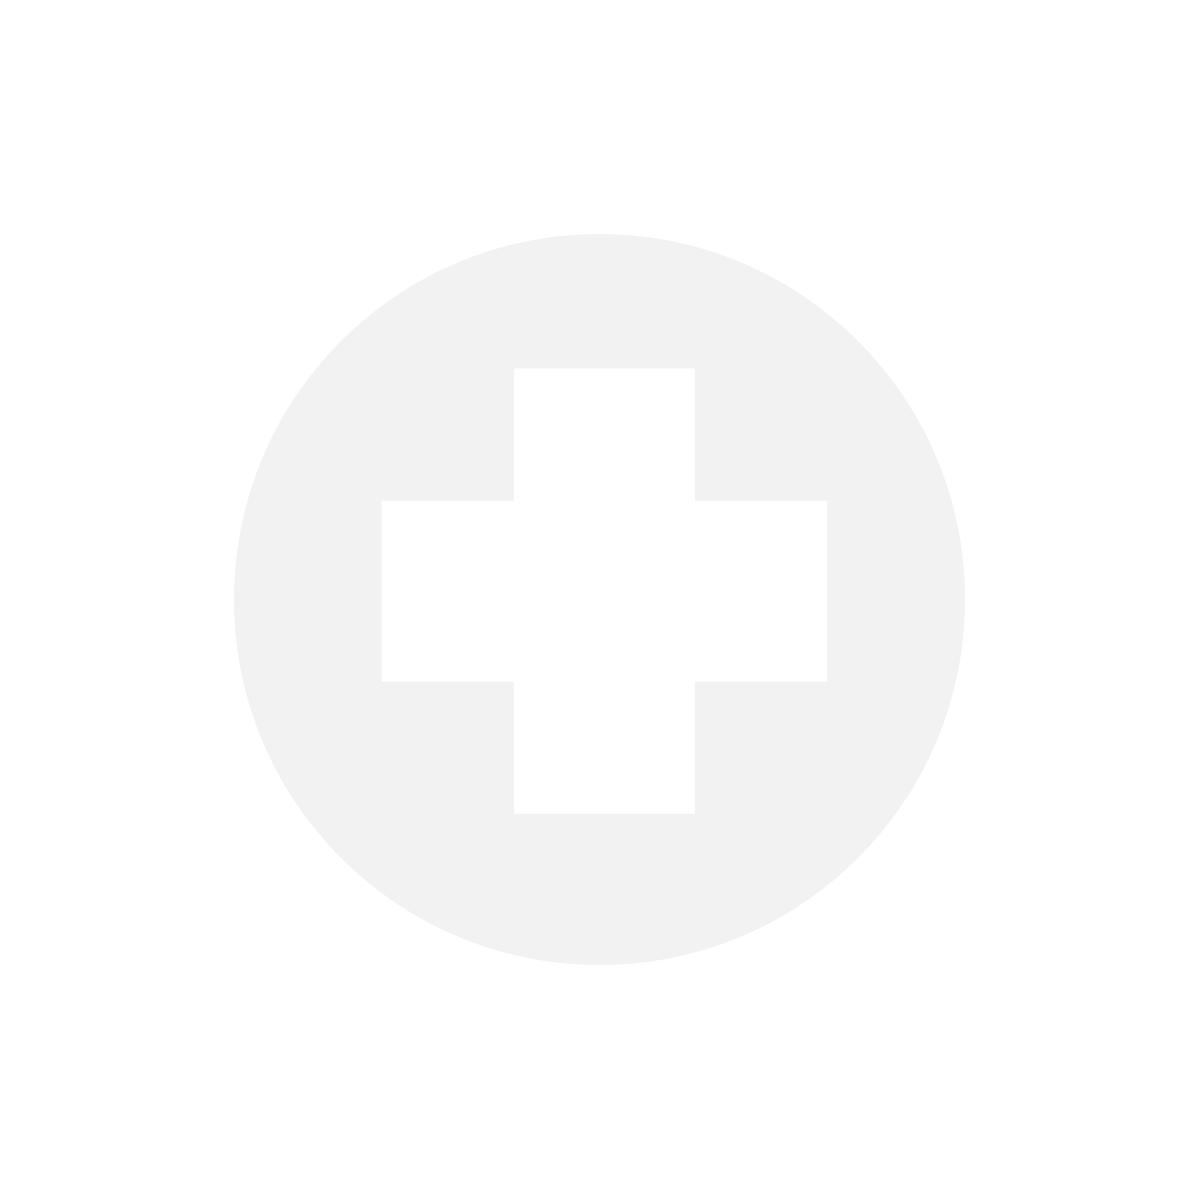 Planche anatomique : les organes génitaux féminins